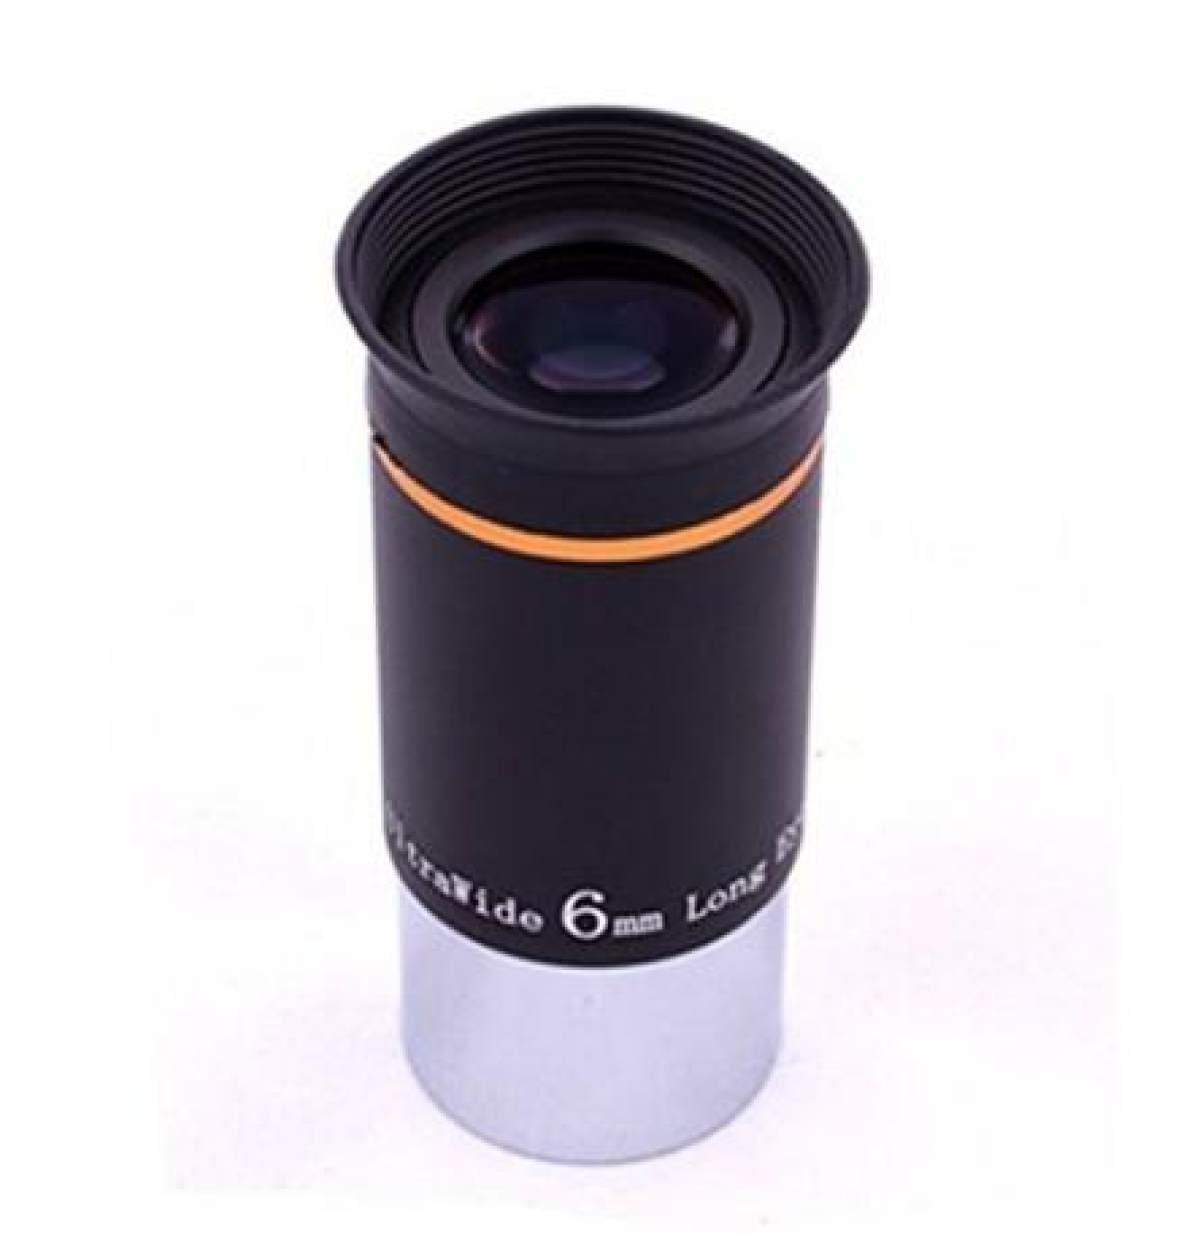 天体望遠鏡の接眼レンズアイピースOptics高品位表示接眼レンズ広角接眼レンズ、20 mm   B075F6LKCM